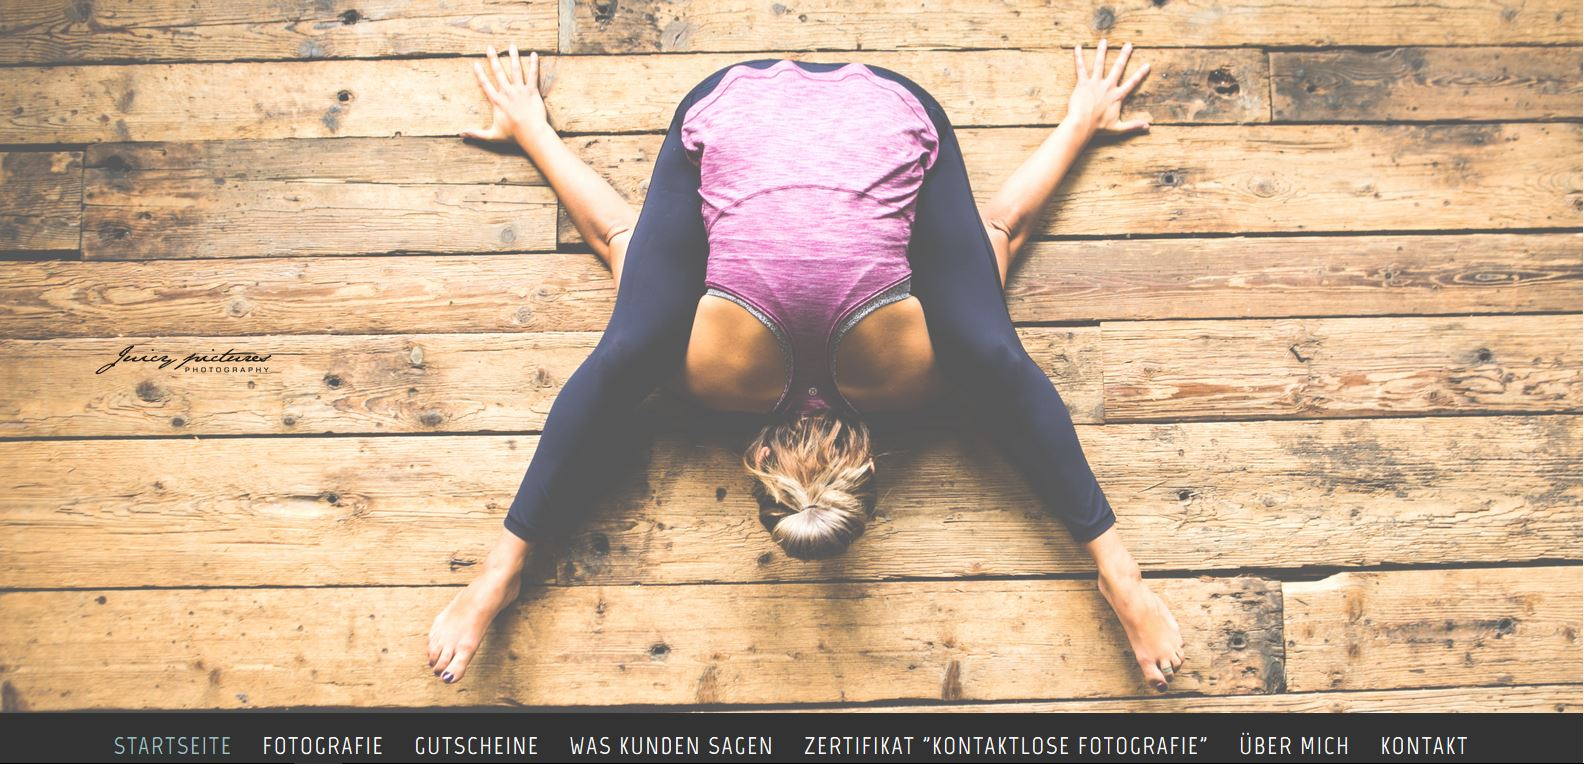 Webiste JuicyPictures Photography